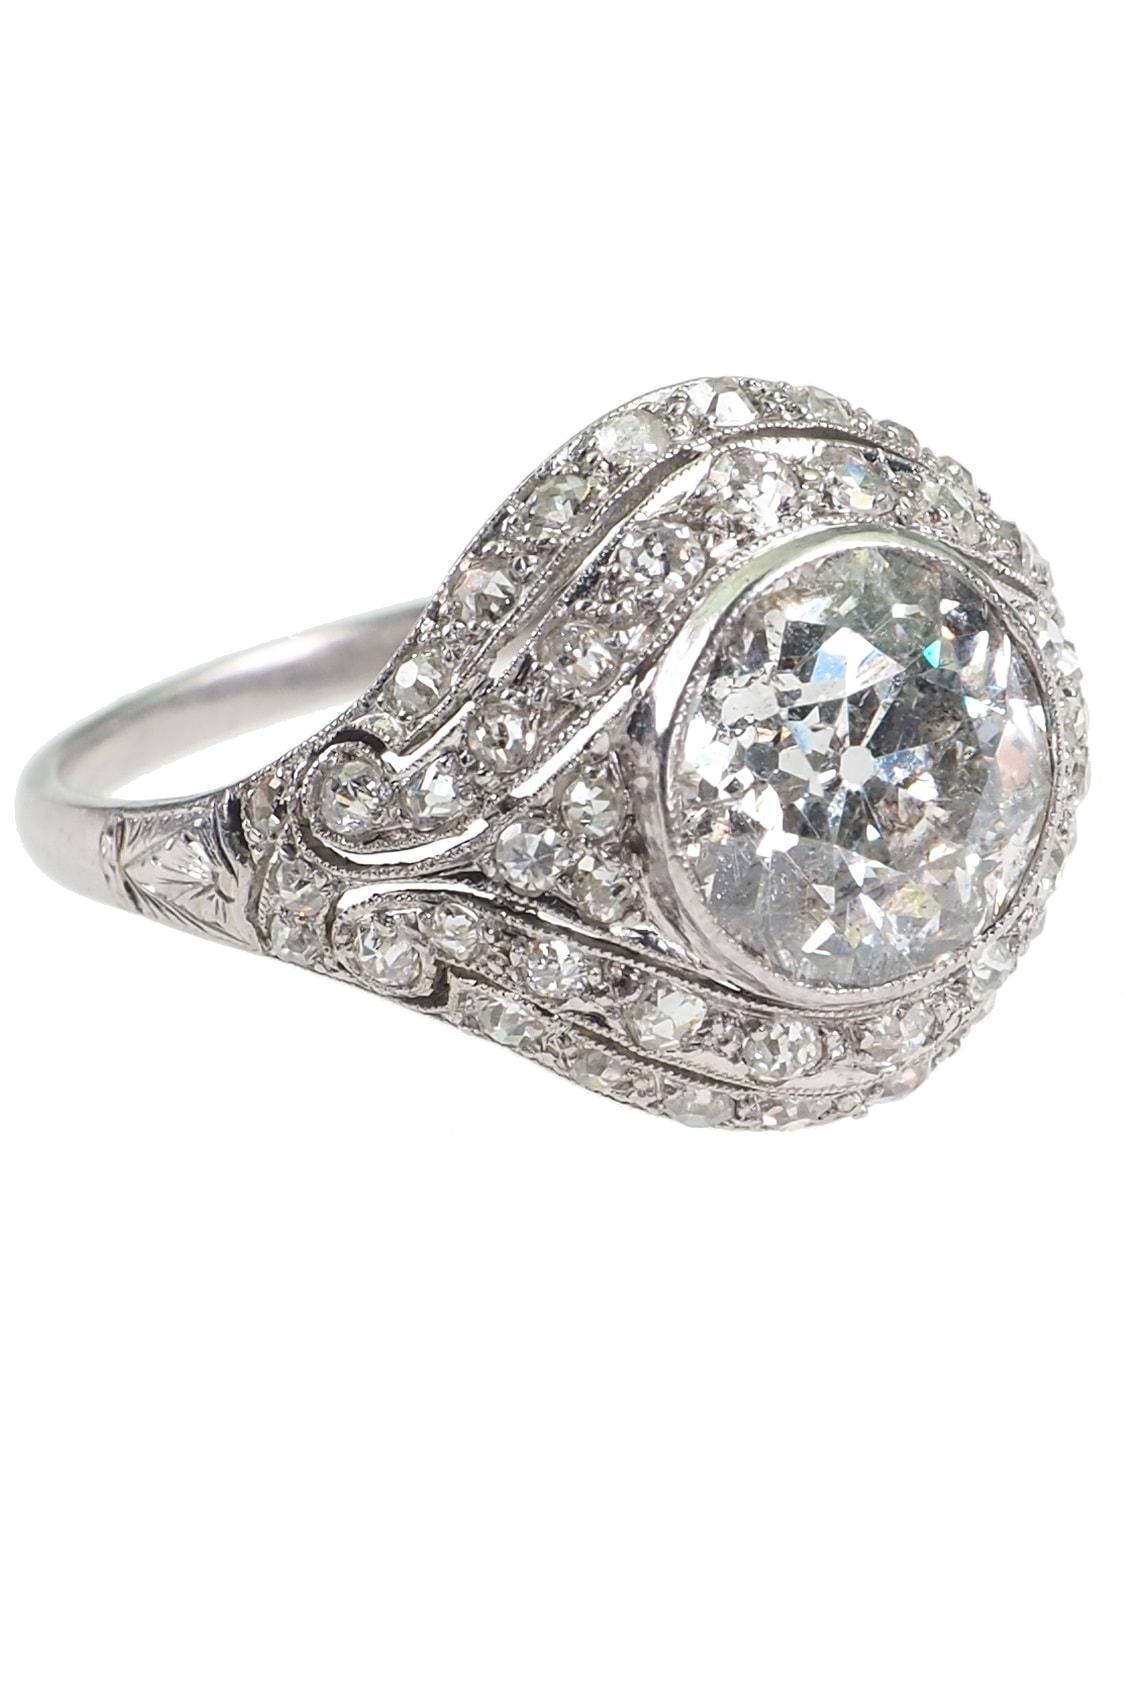 Diamantschmuck-zertifiziert-kaufen-1012a